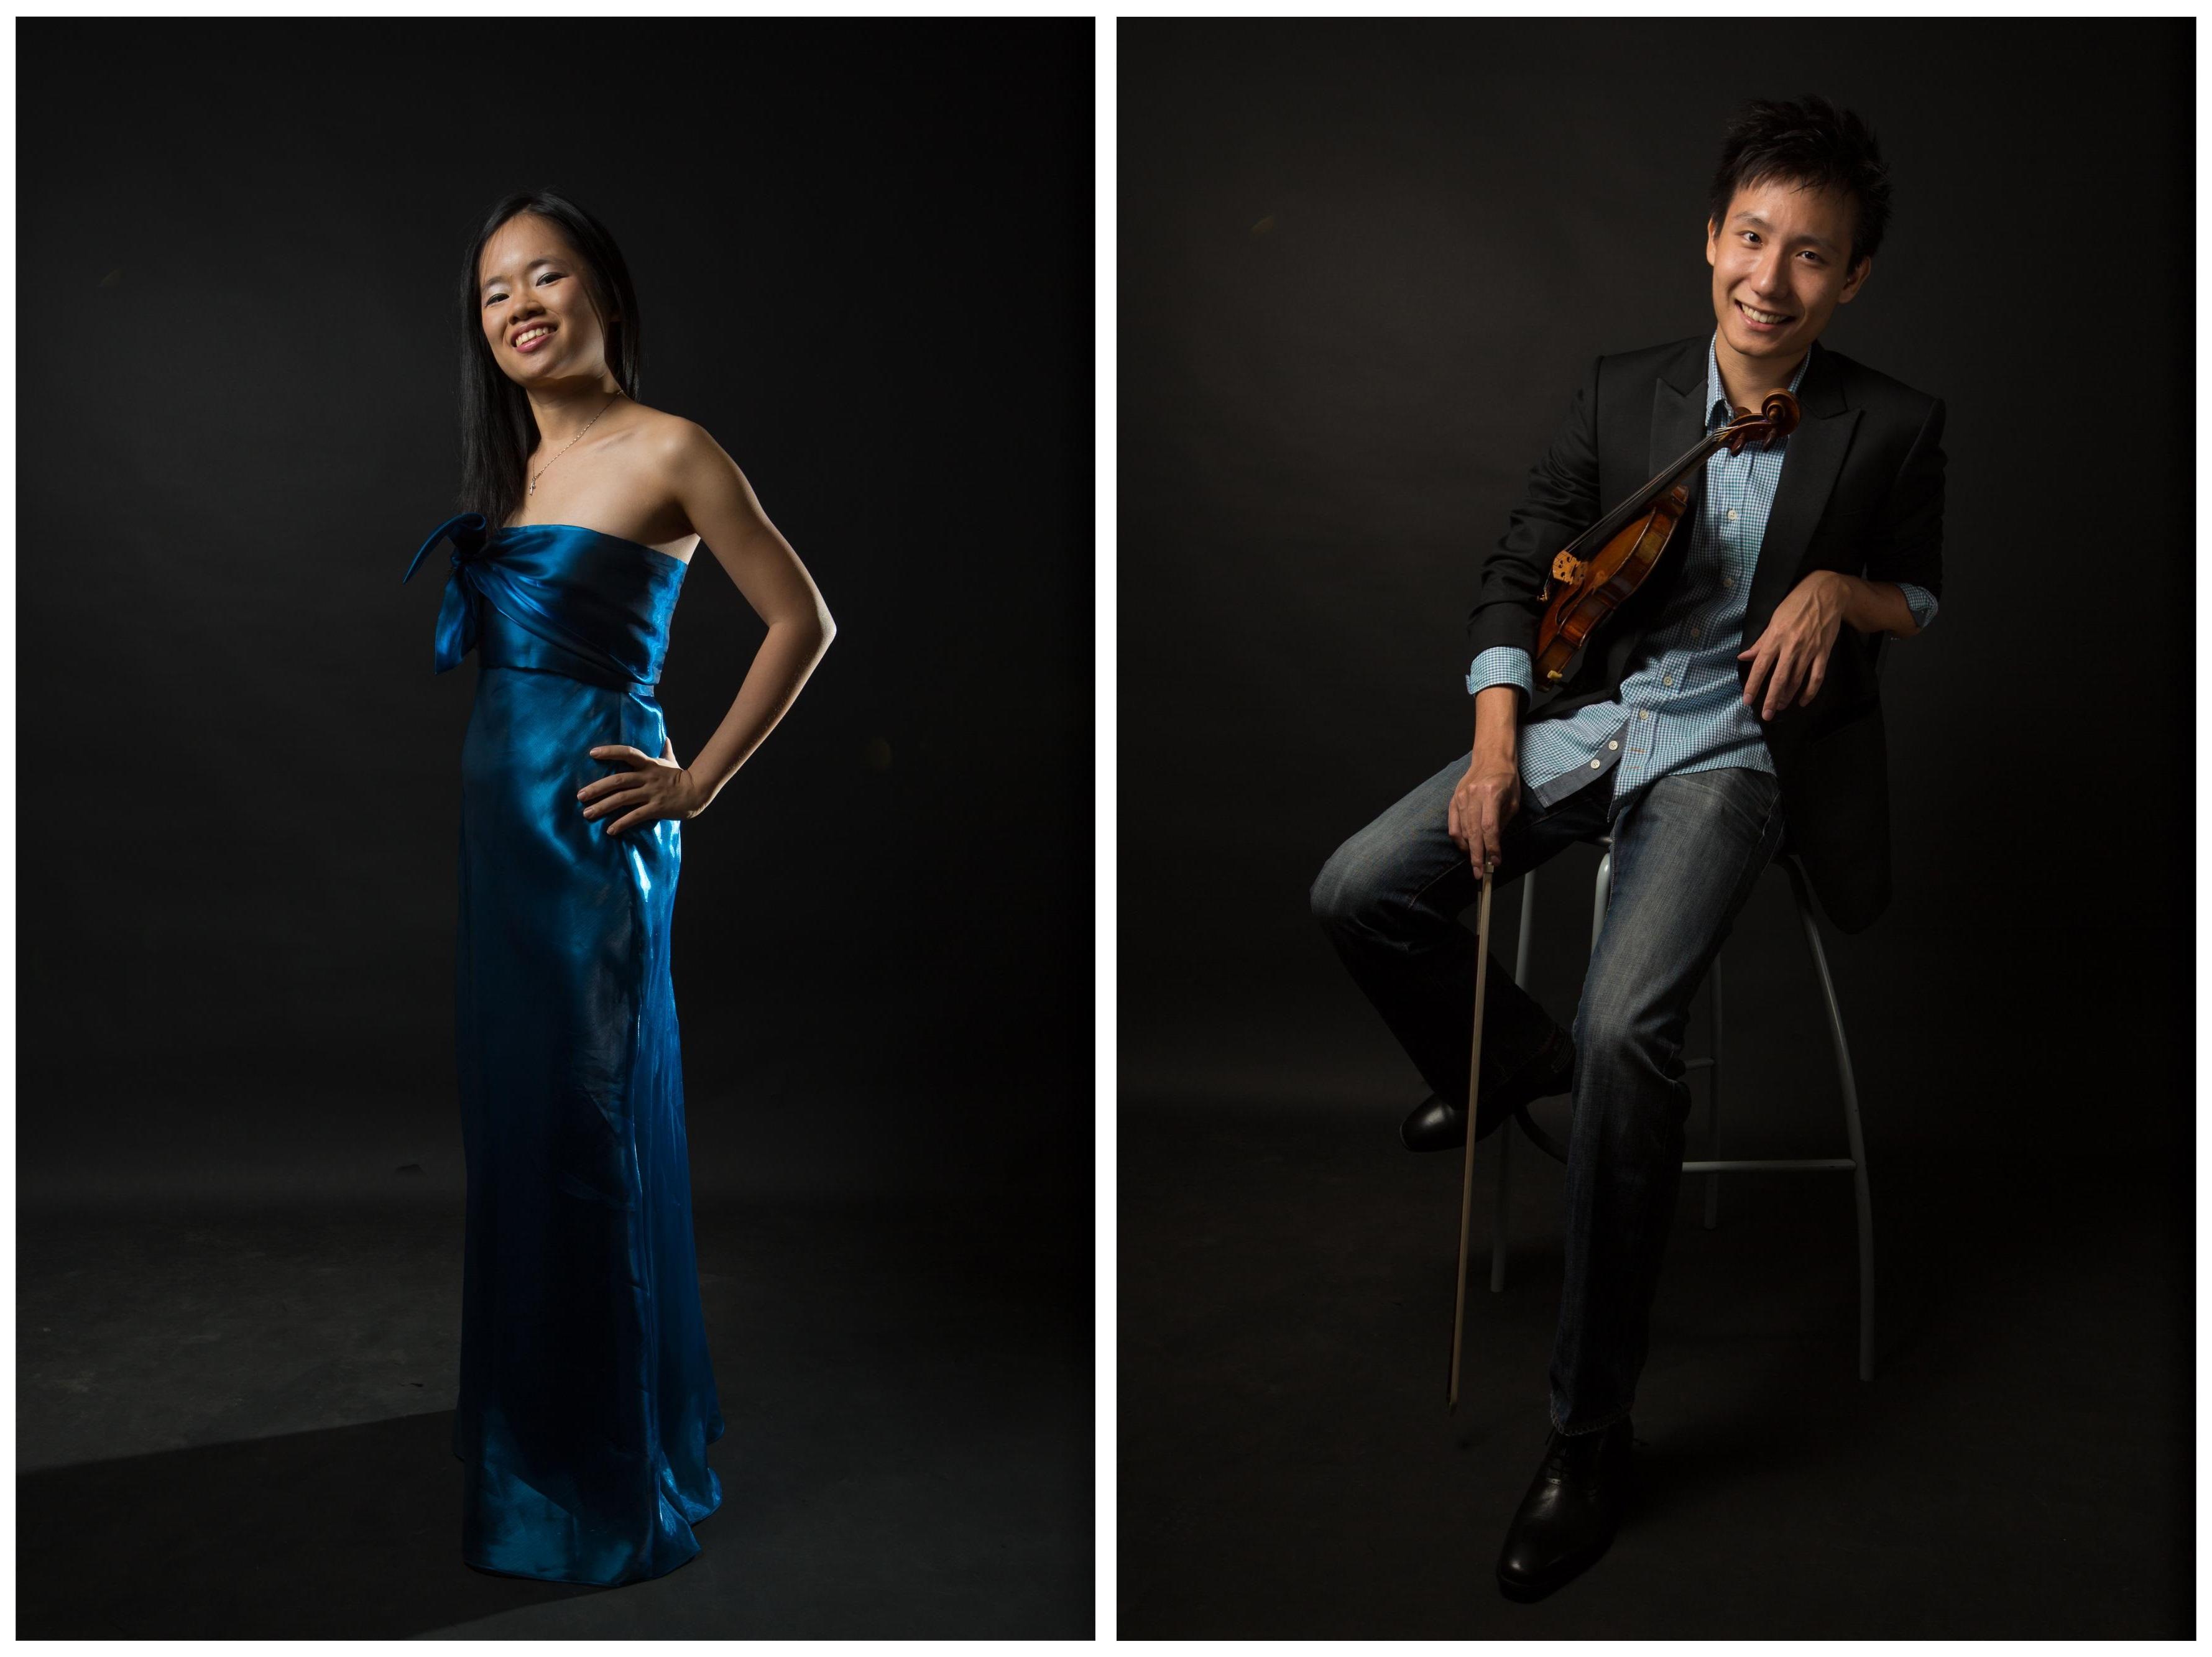 Abigail Sin, Loh Jun Hong to add wine pairings to chamber music